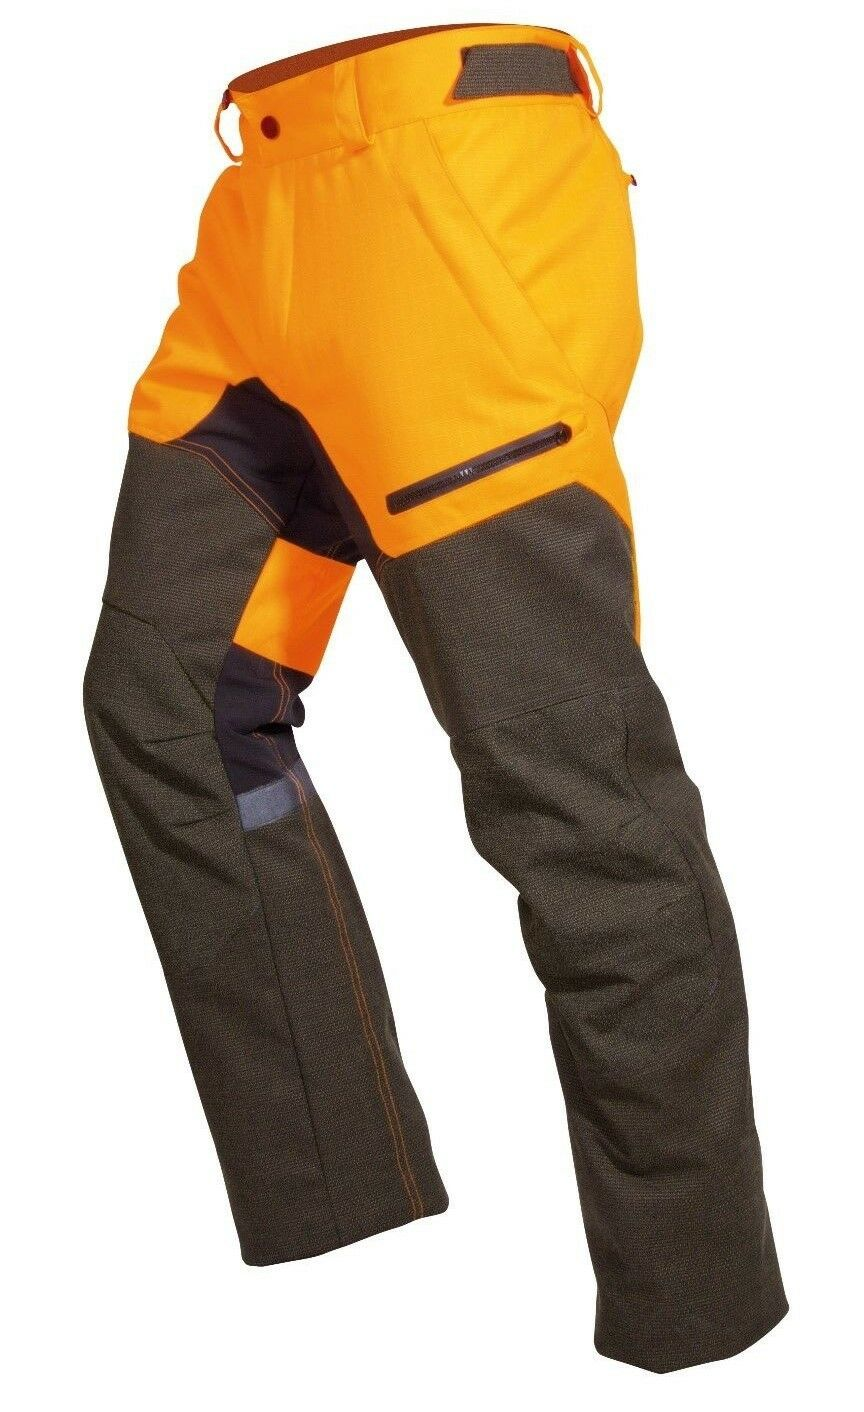 novedad  duro-sauenschutzhose Iron Xtreme-t impermeable-perforierungsschutz -